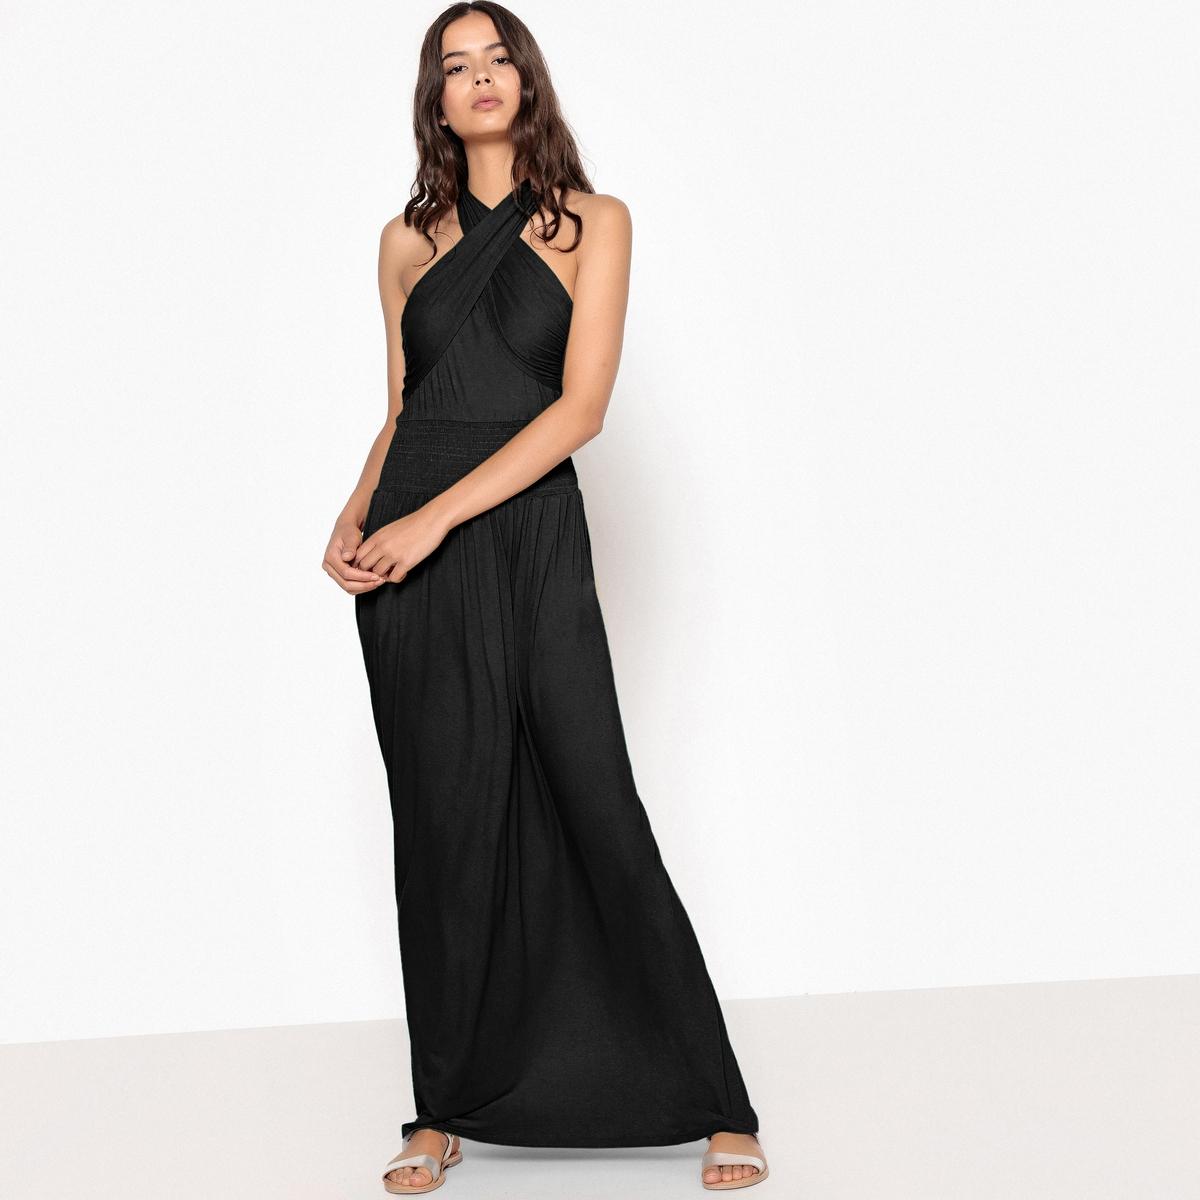 Платье длинное с открытой спиной и перекрестным расположением ткани спереди